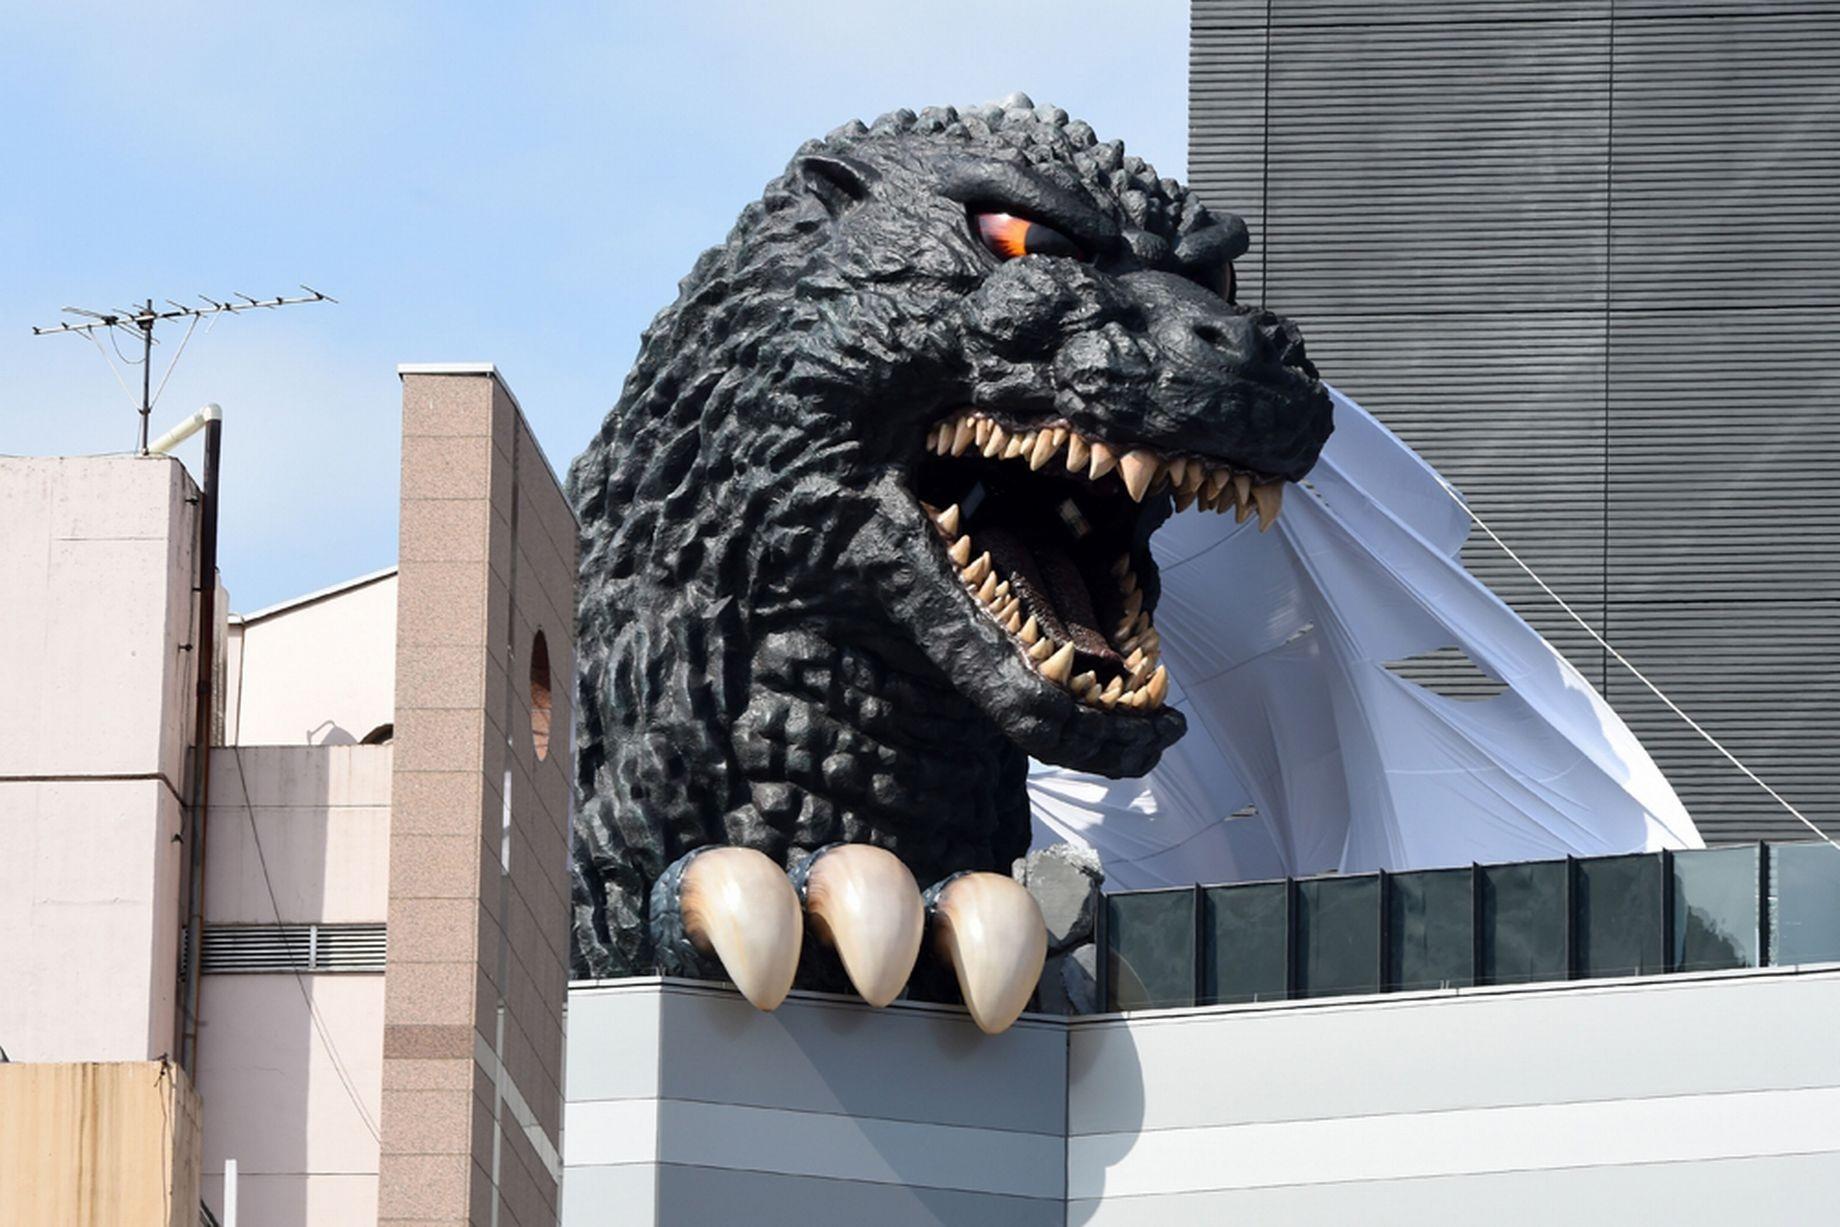 Quái thú Godzilla trở thành đại sứ du lịch Tokyo | Báo Dân trí